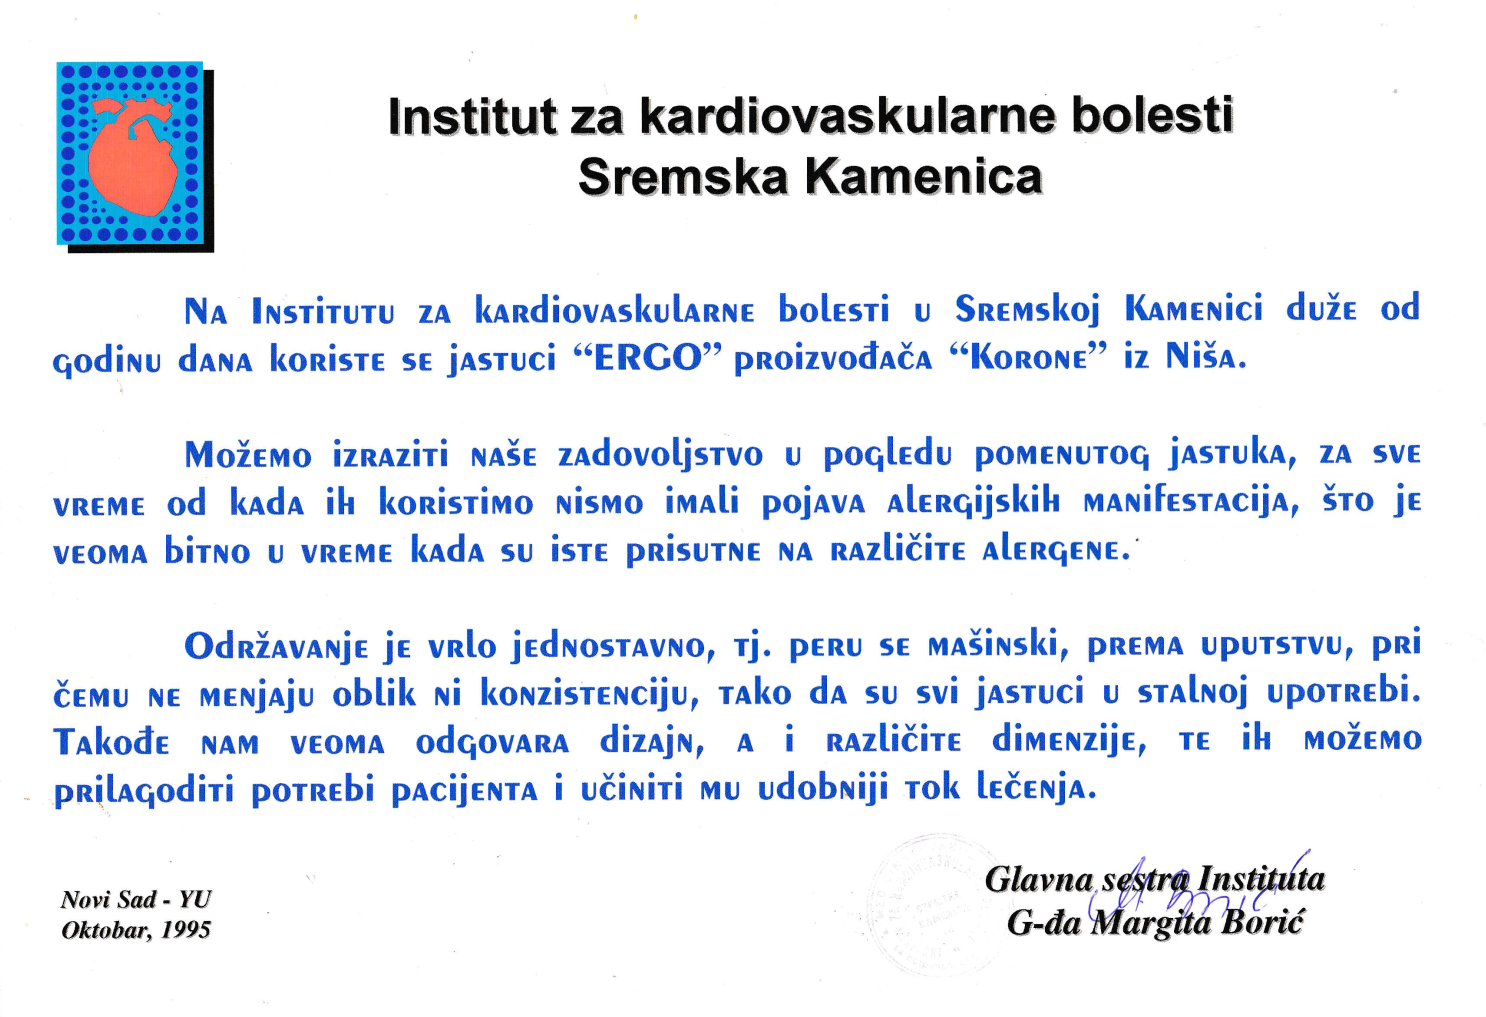 Corona Ergo Sertifikat Institiu za kardiovaskularne bolesti Sremska Kamenica